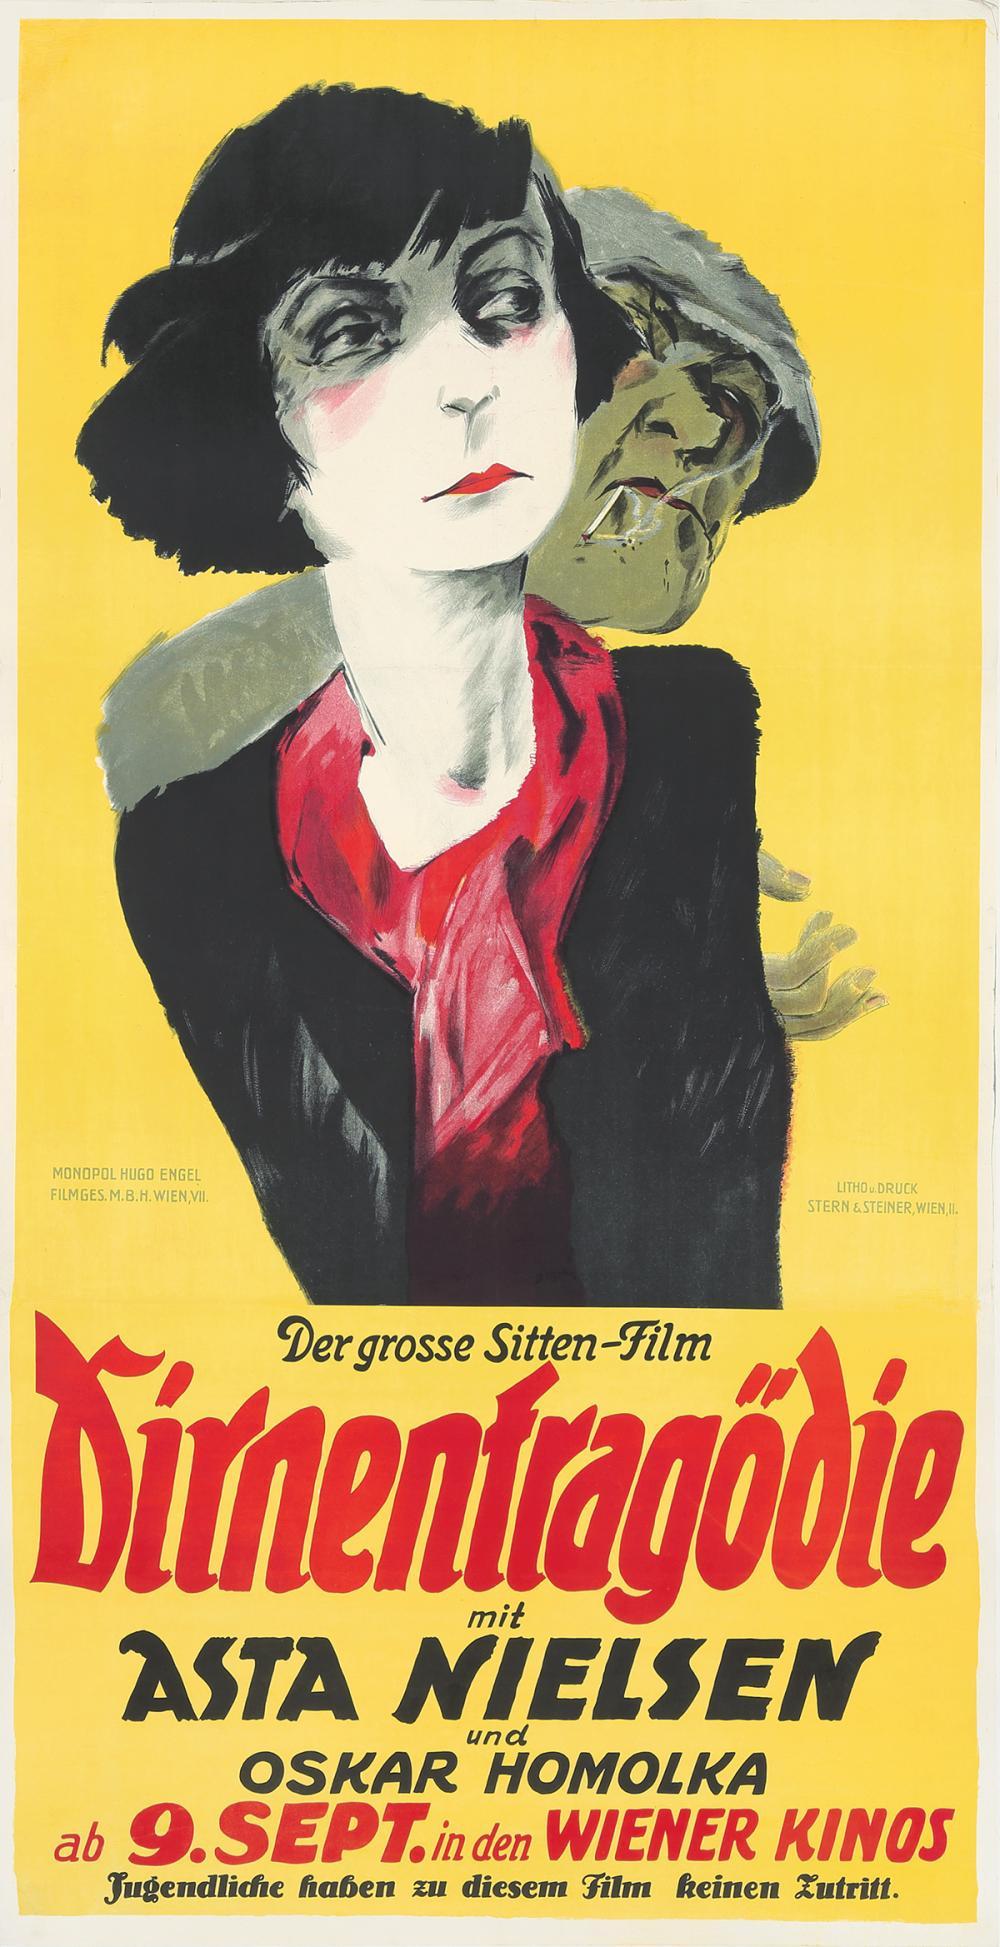 Dirnentragodie. 1927.